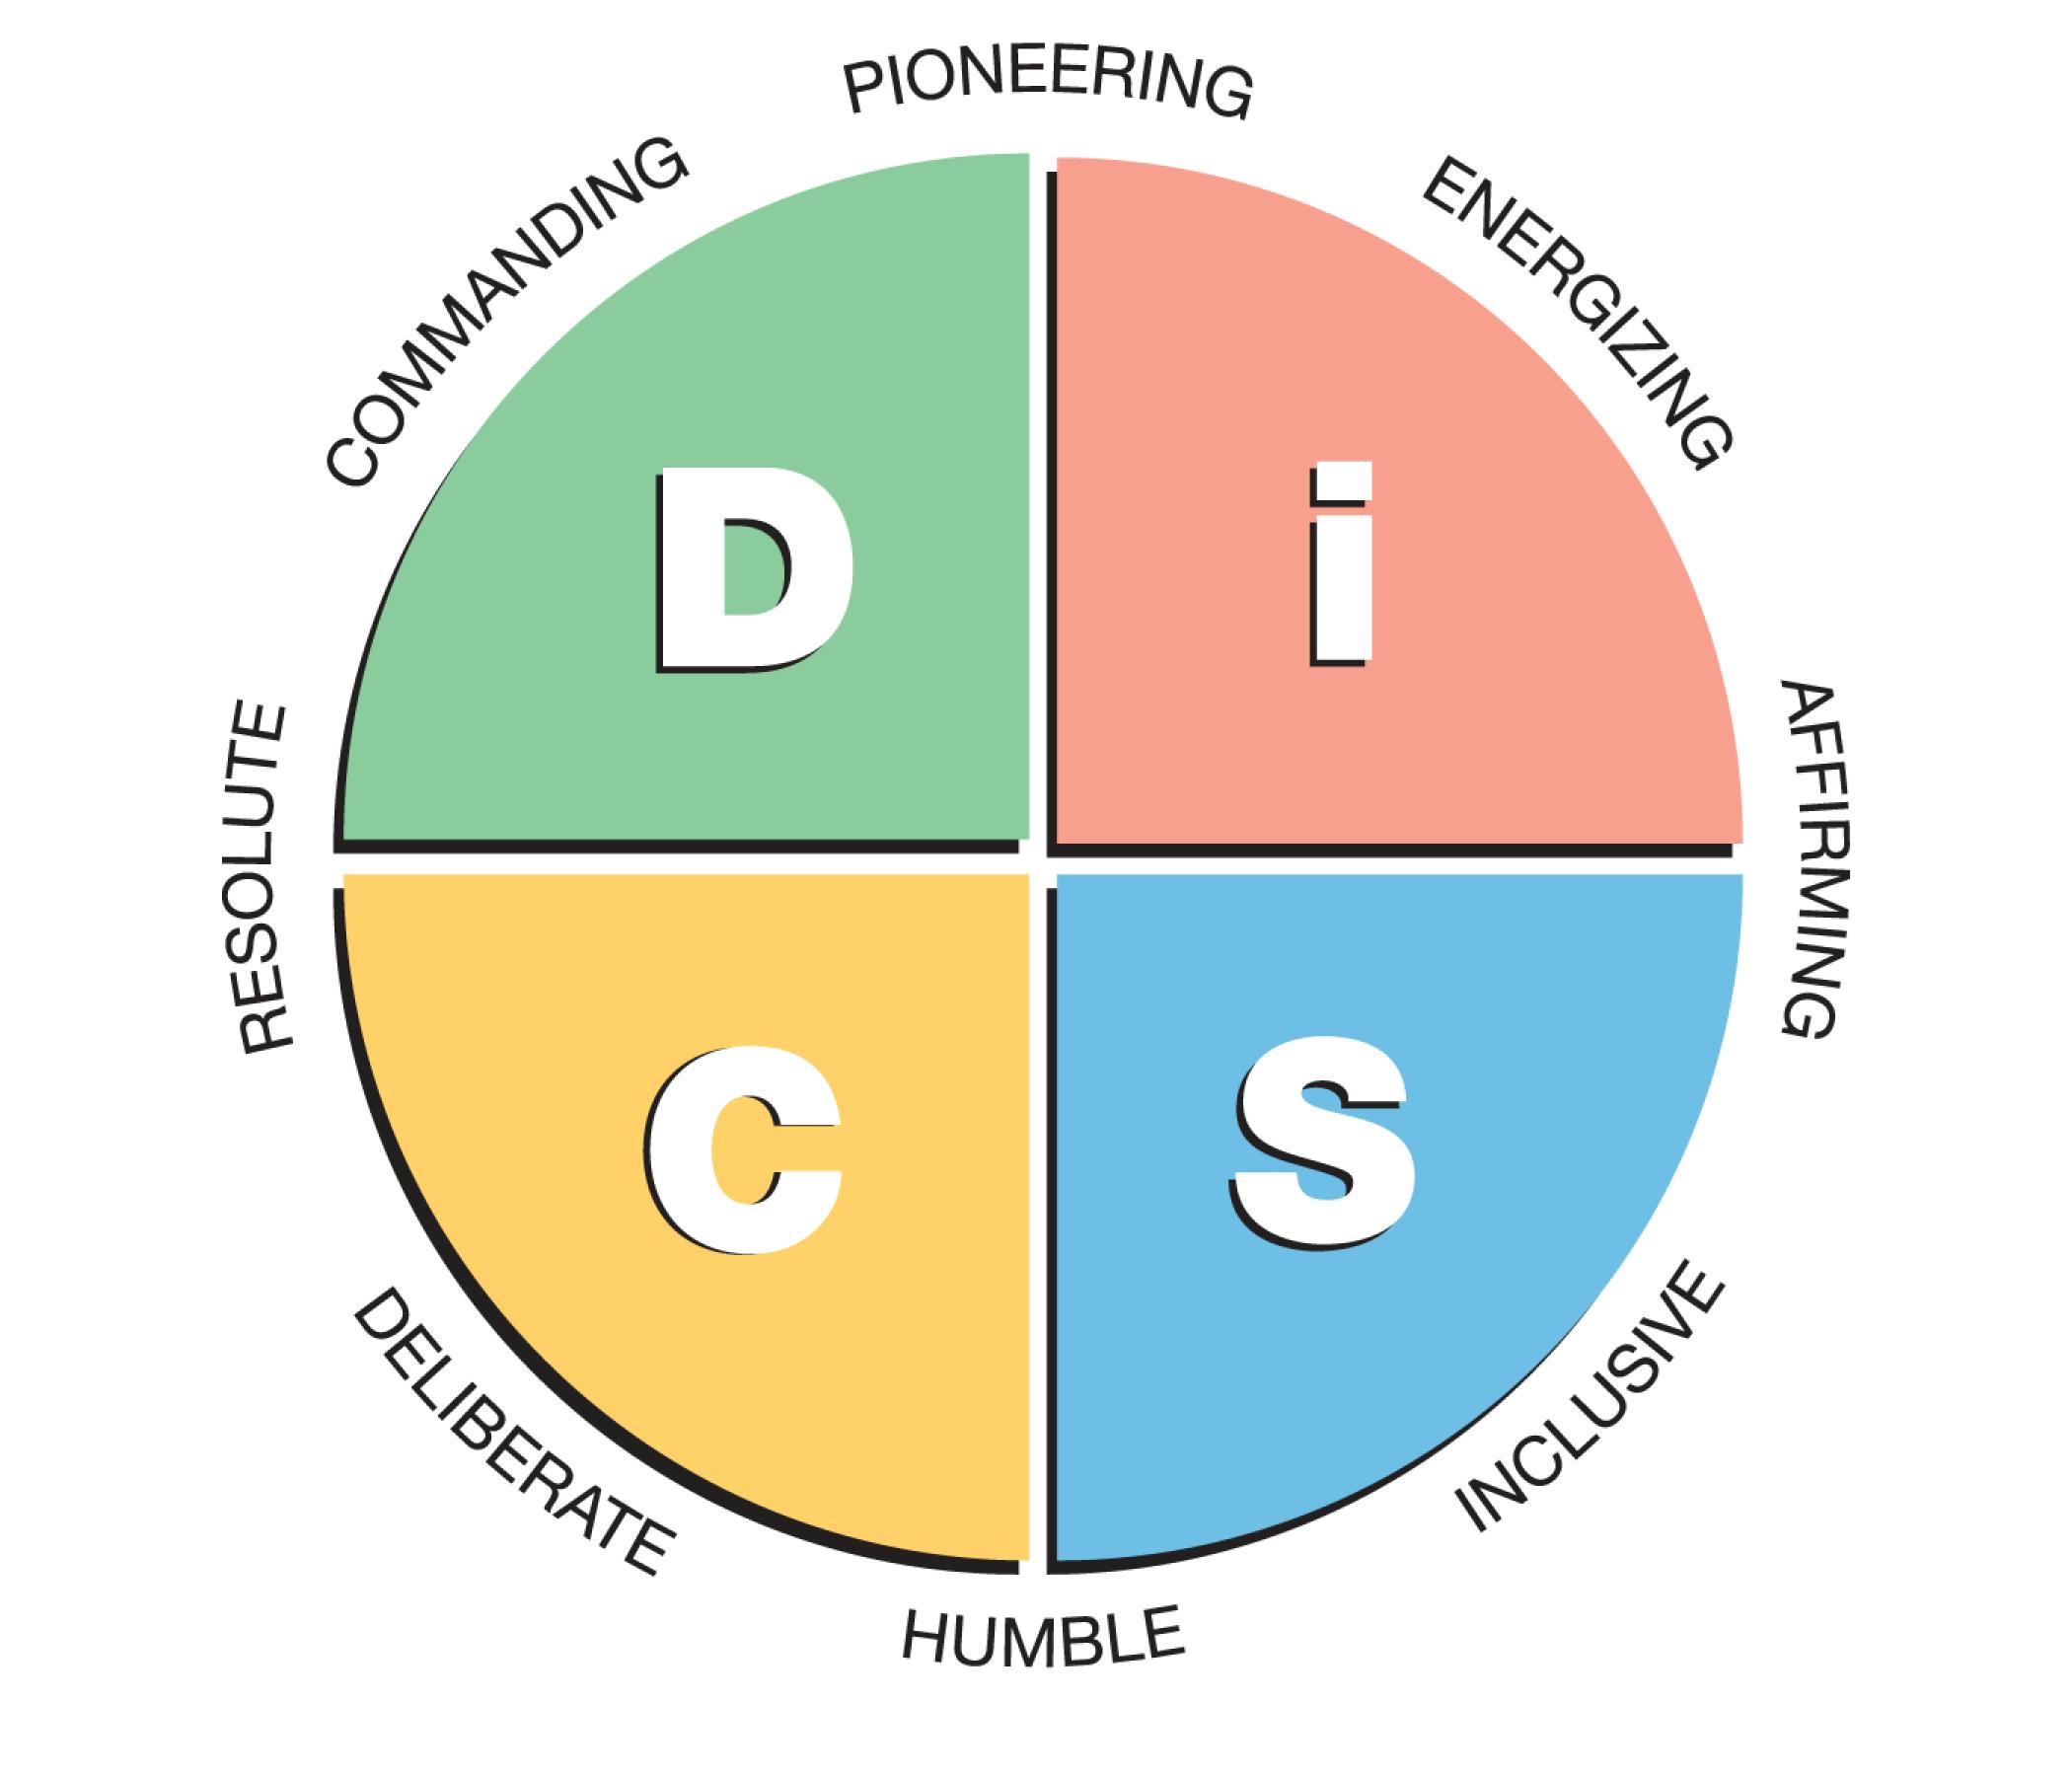 Work of Leaders DiSC image